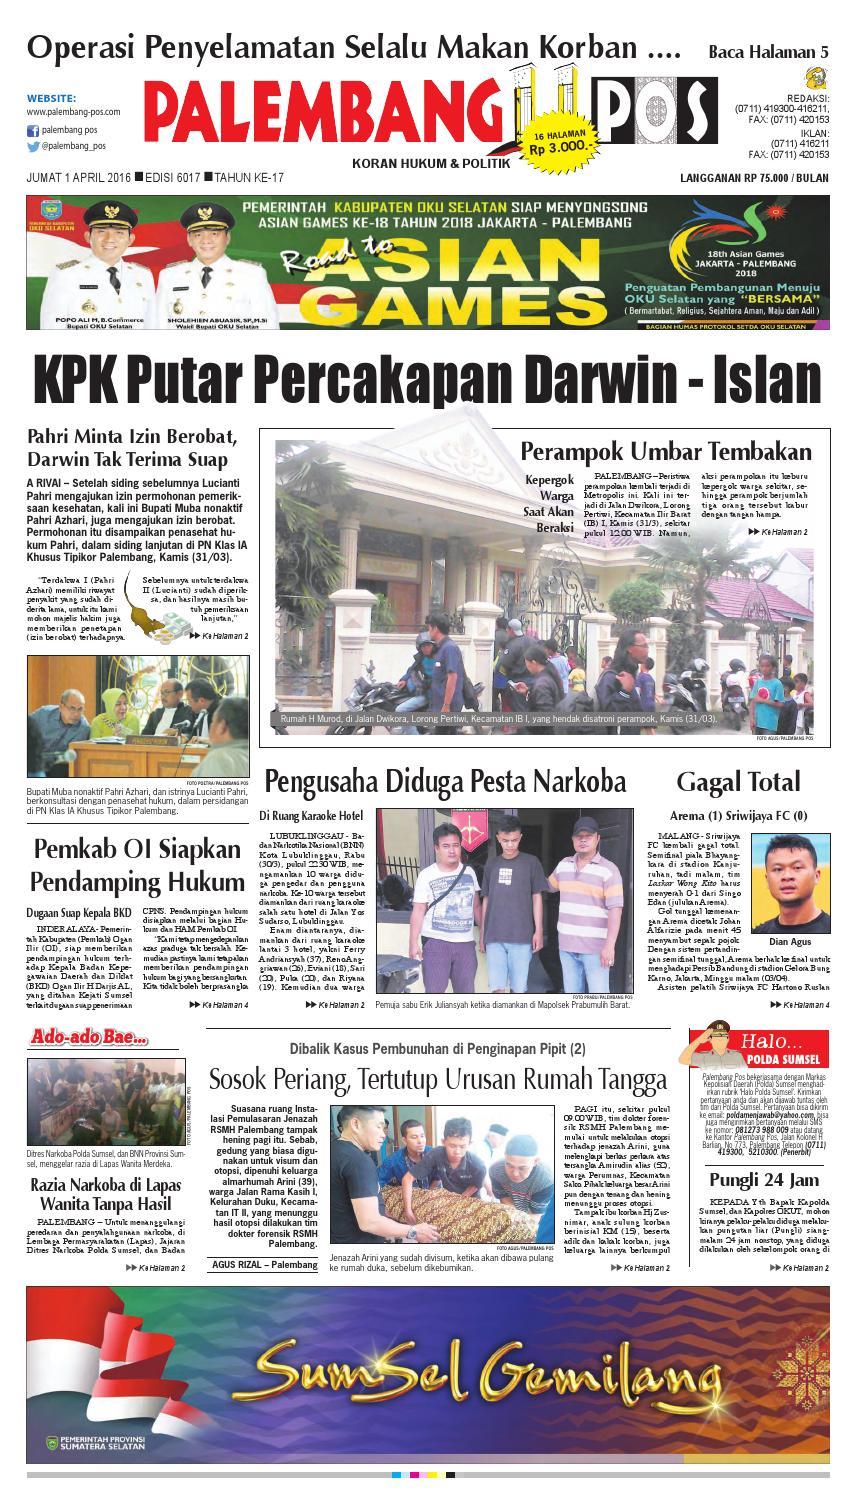 Palembang Pos Edisi Jumat 1 April 2016 By Palembang Pos Issuu